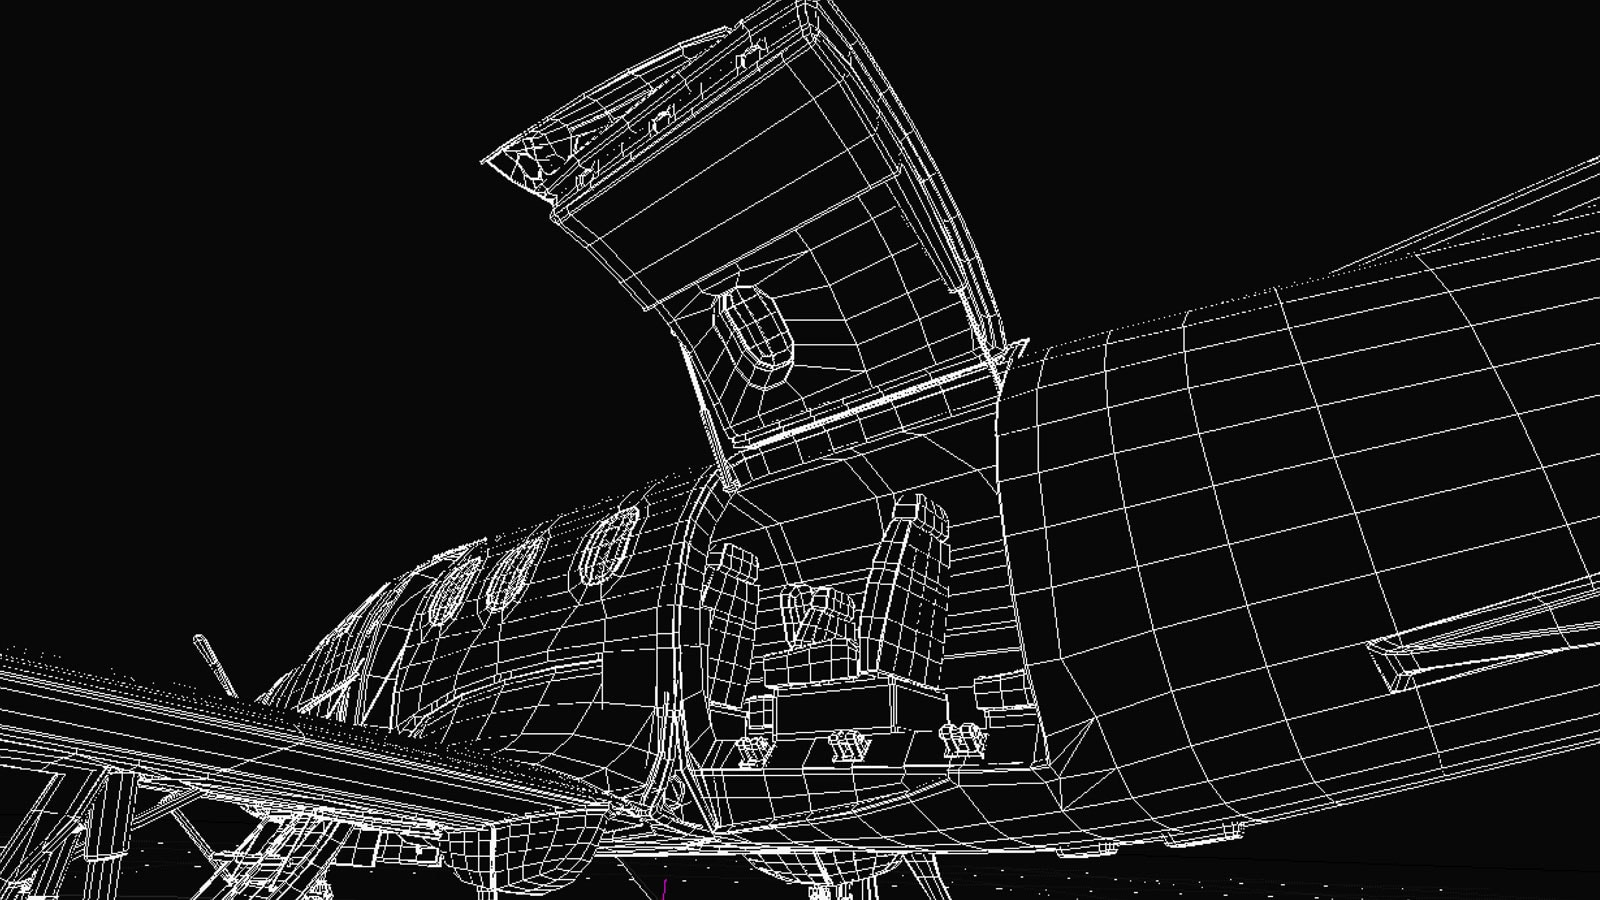 2016 Pilatus Concept Render Girraphic 2